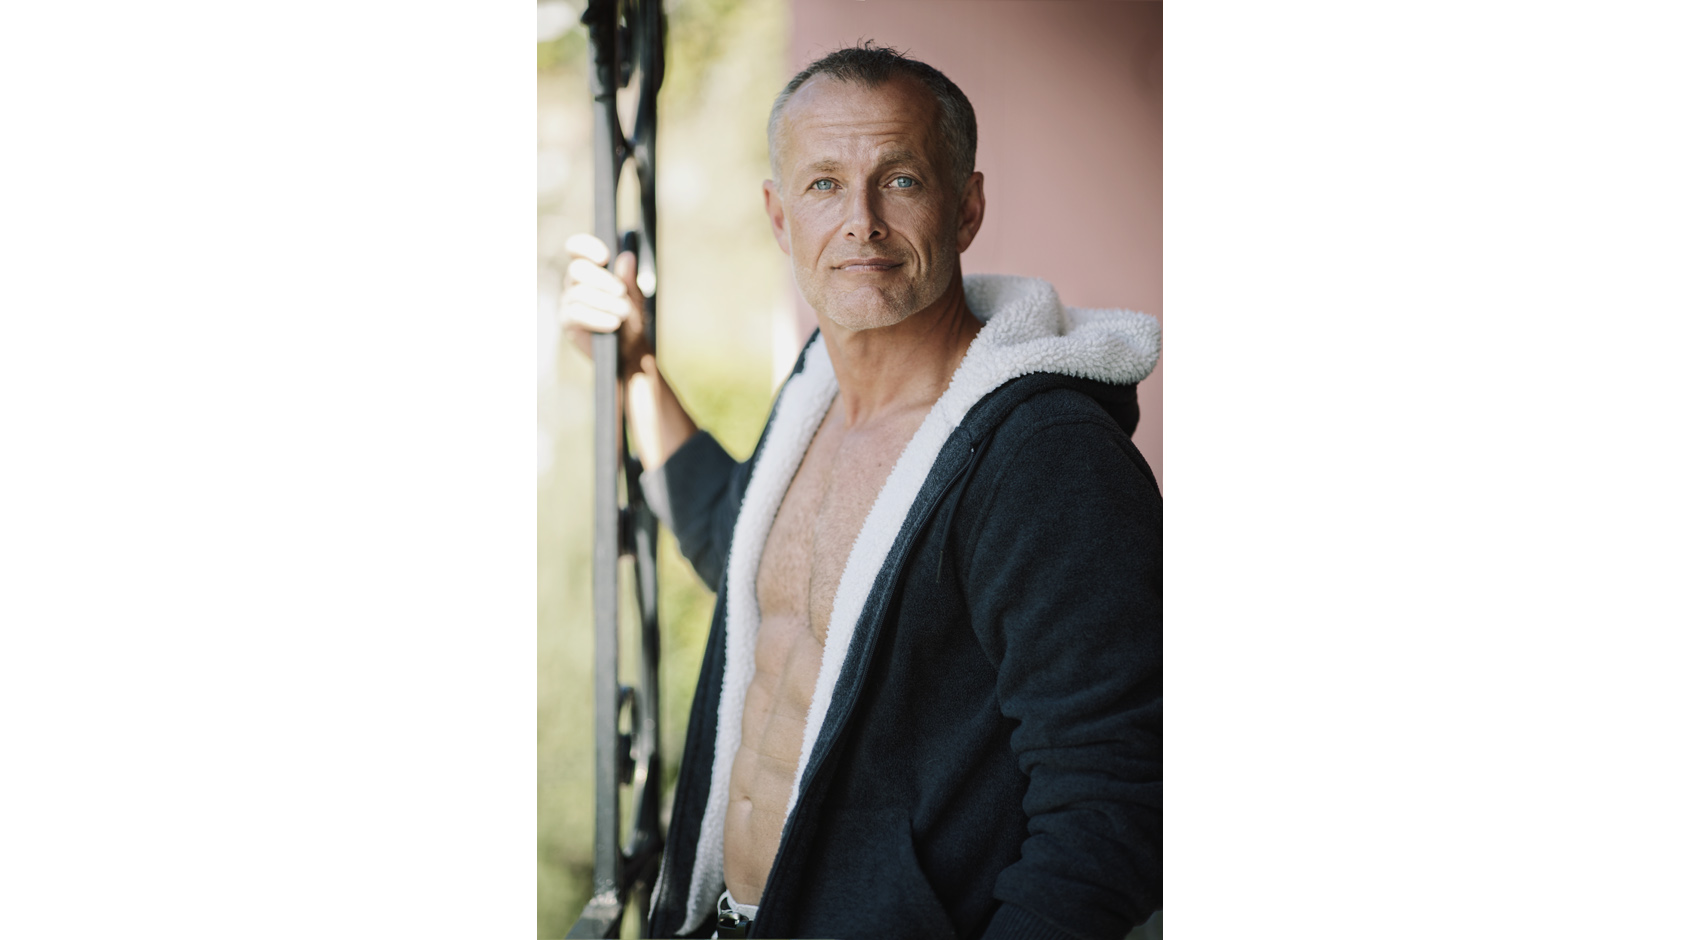 Men Over 50 - Steve